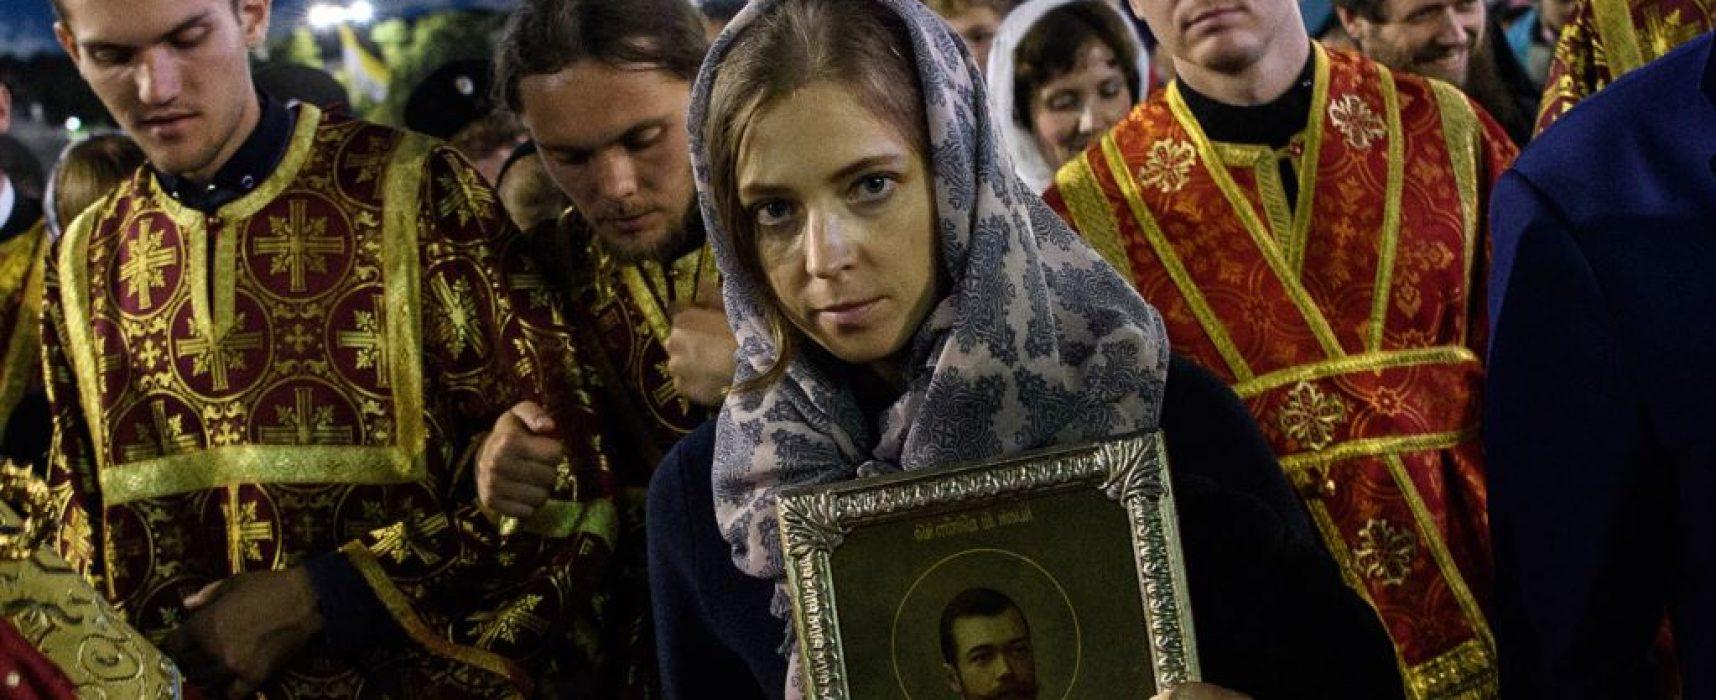 Олег Панфилов: Зачем России «православный ИГИЛ»?